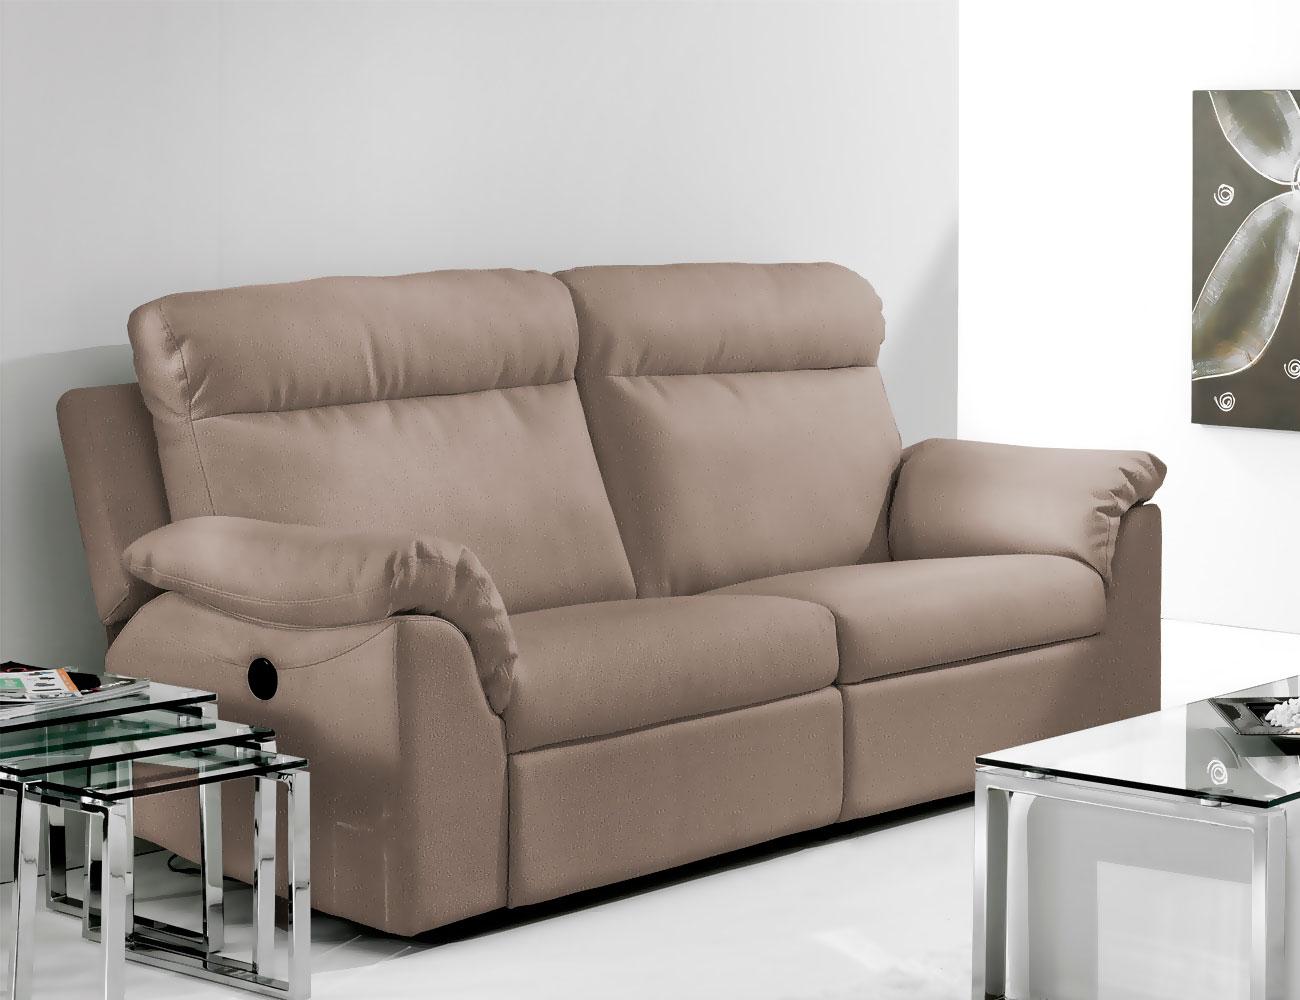 Sofa relax dos motores electrico moka2